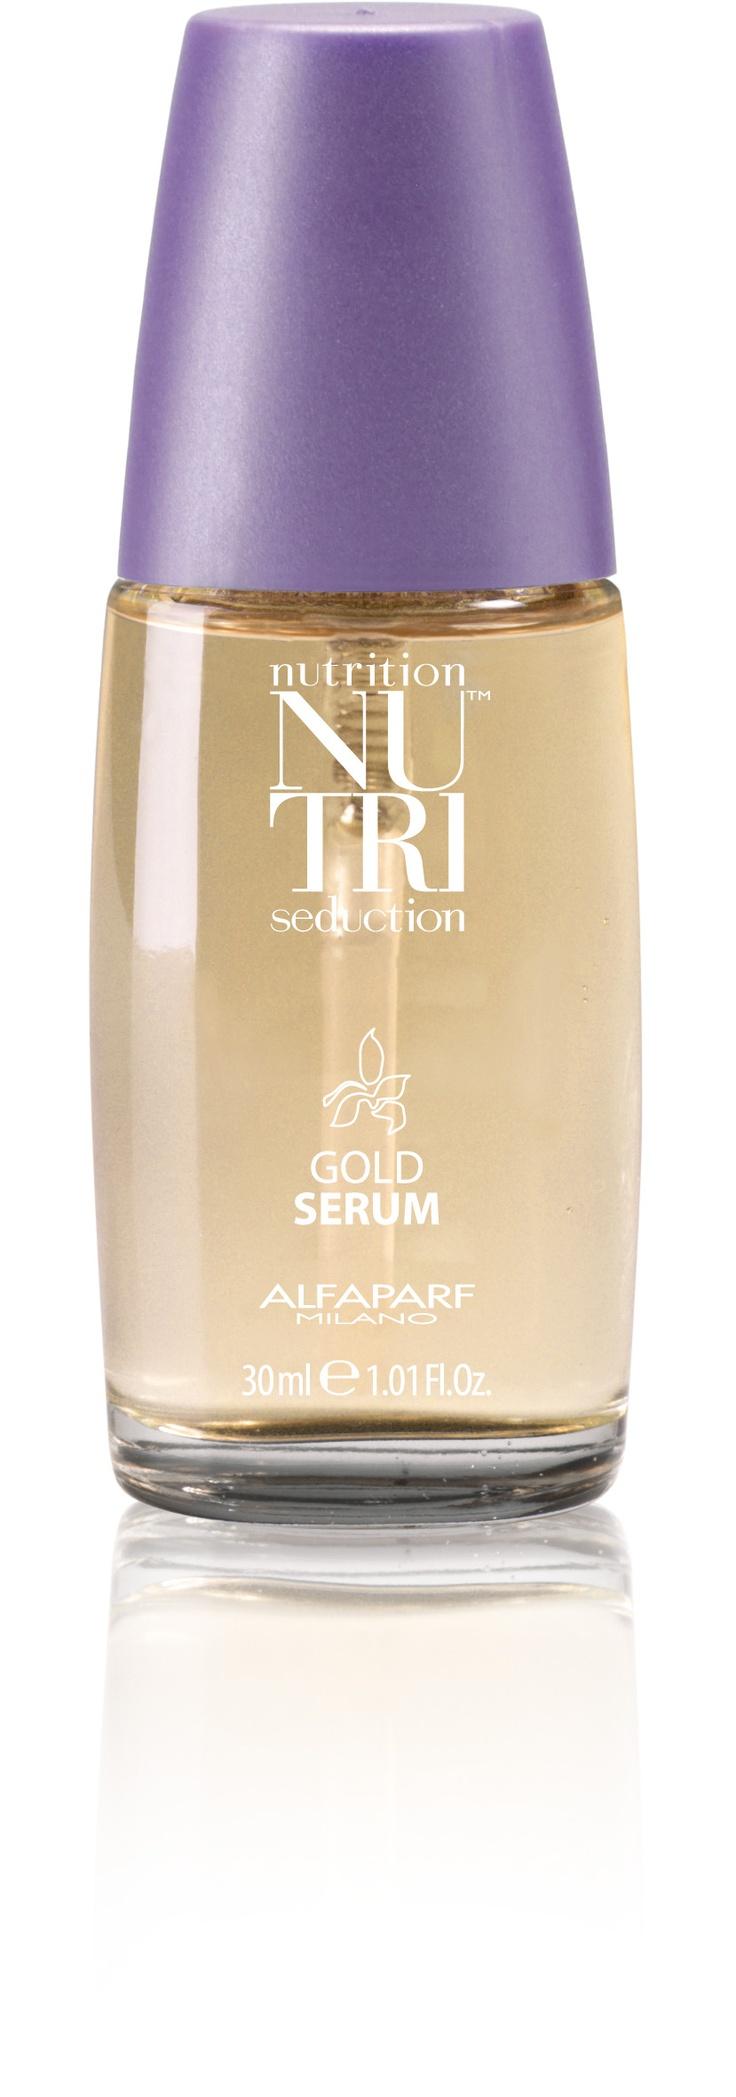 Gold Serum, Viste el cabello con una película imperceptible de extraordinaria suavidad. Alisa las imperfecciones de la cutícula y repara las puntas. Rico en Vitamina E y Agentes Protectores, protege el cabello dándole una definición y una transparencia sorprendentes. Resultados inmediatamente visibles.